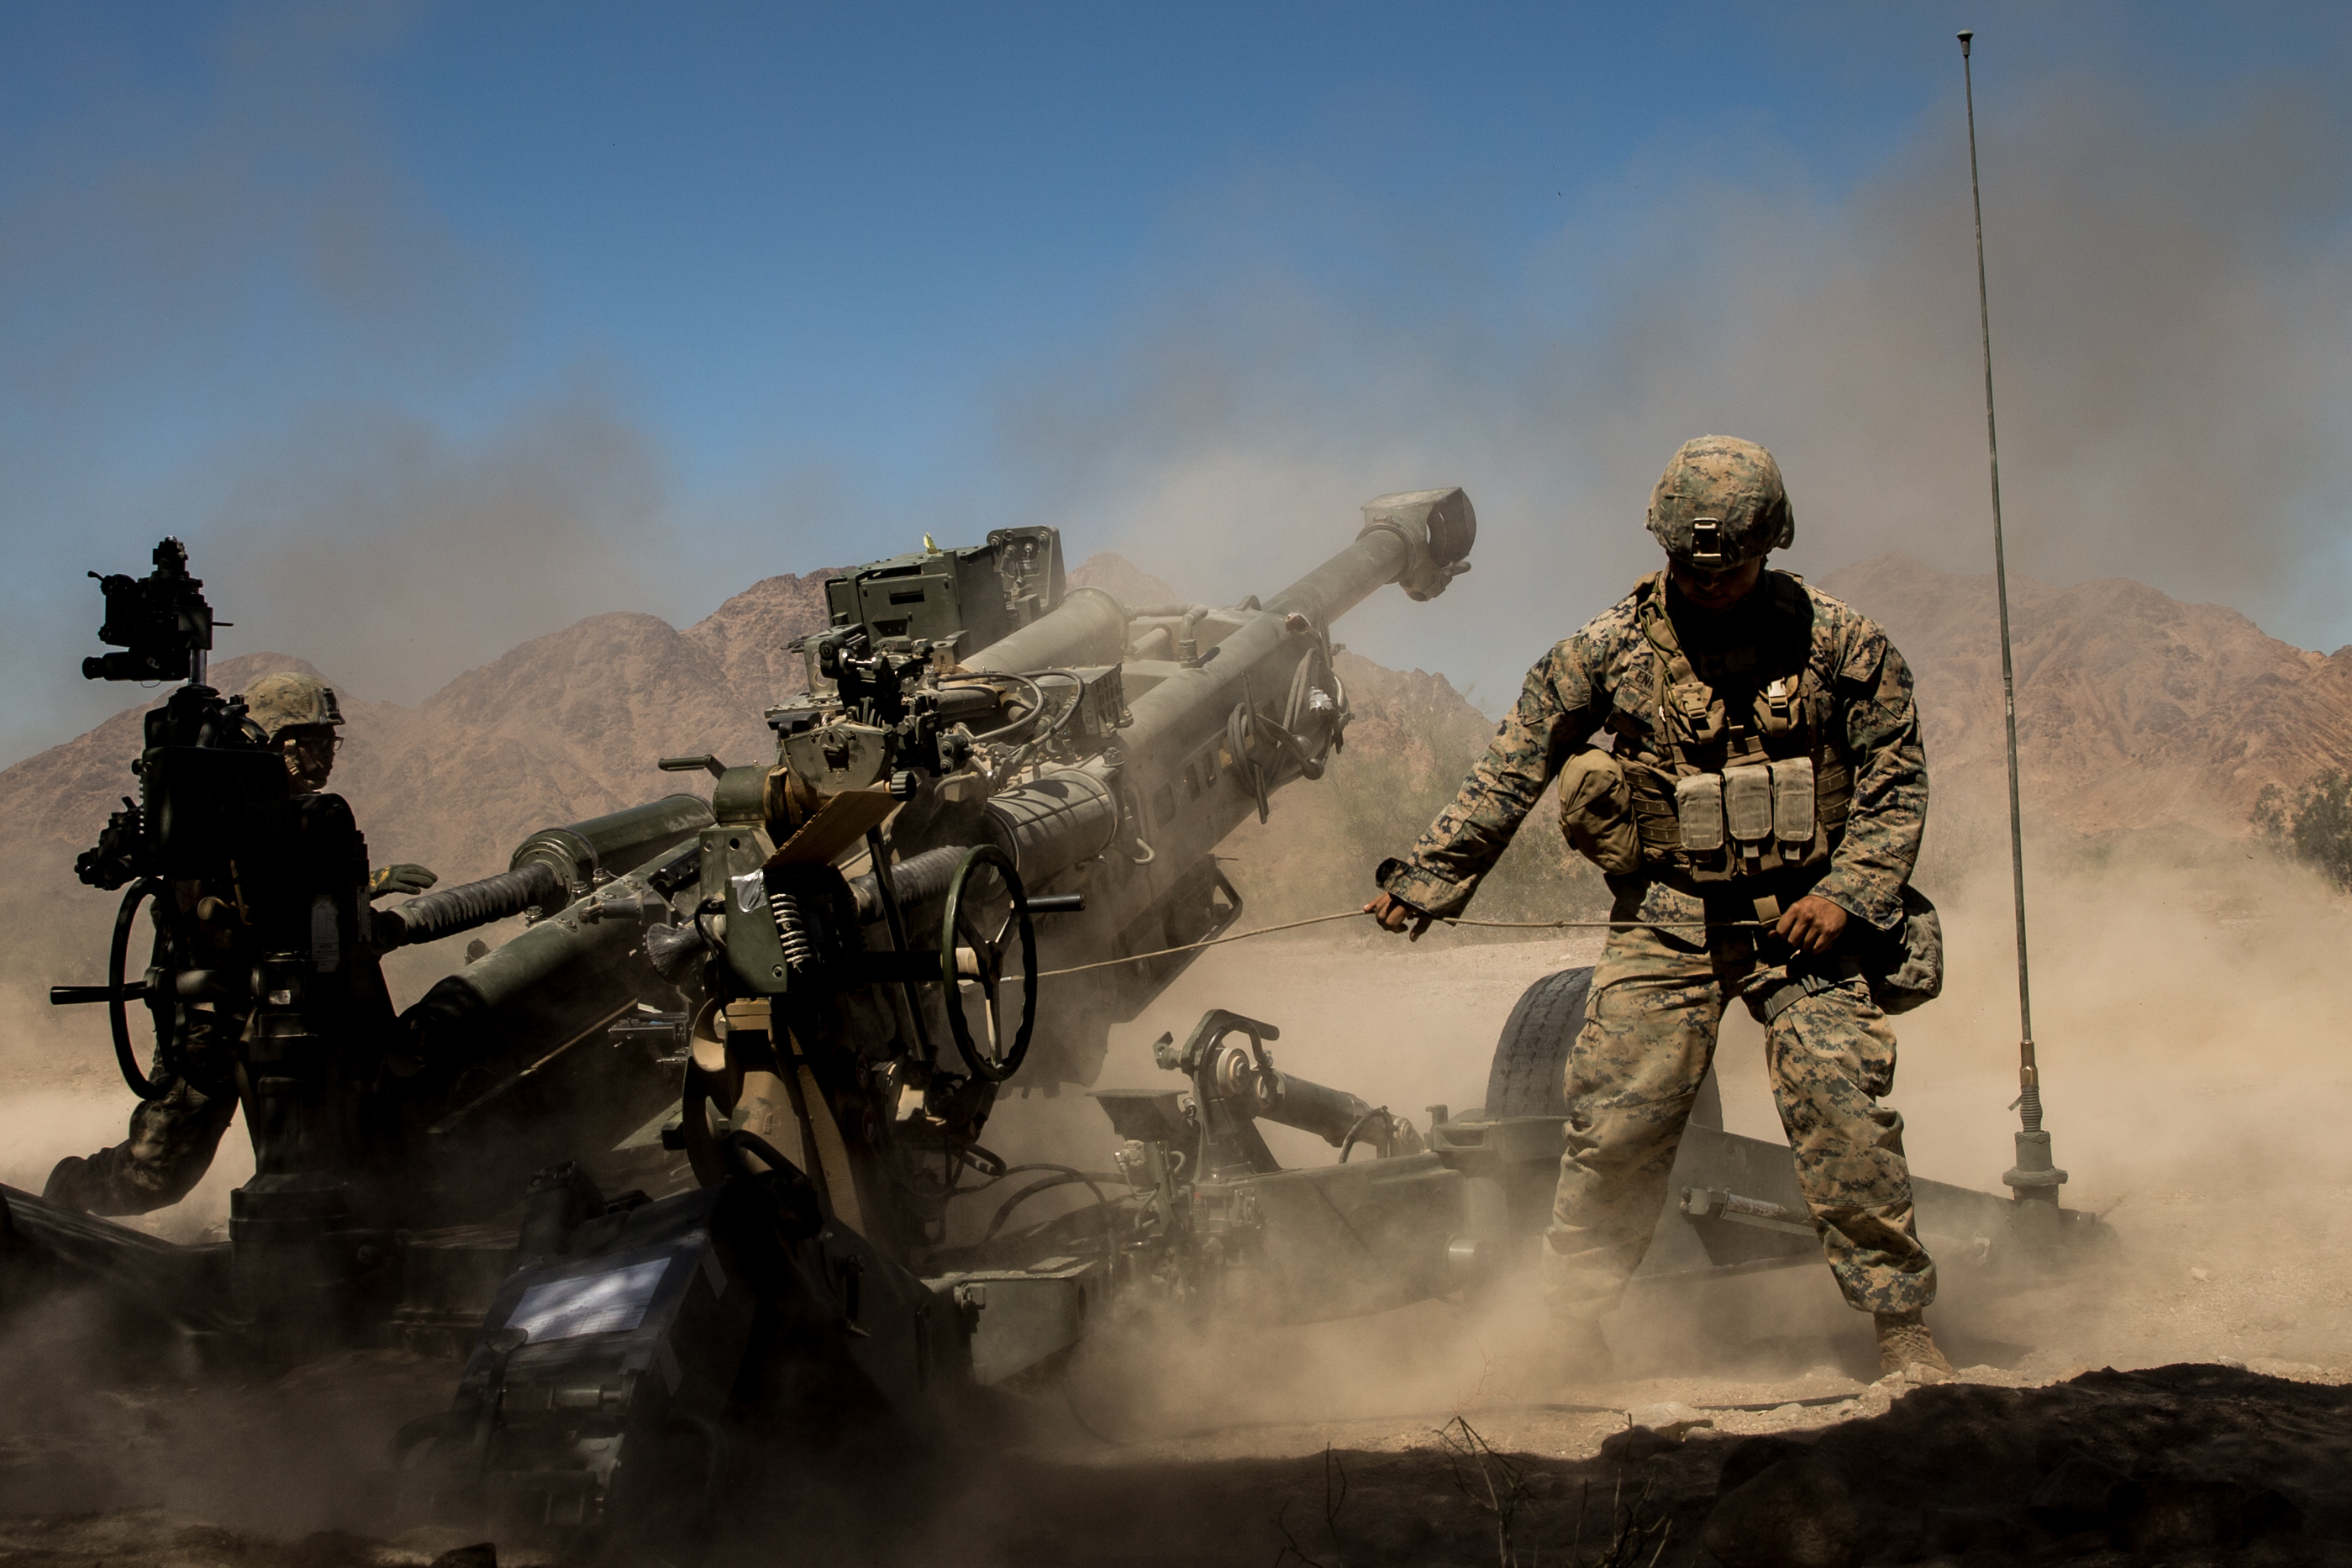 M777 howitzer gun in action photo